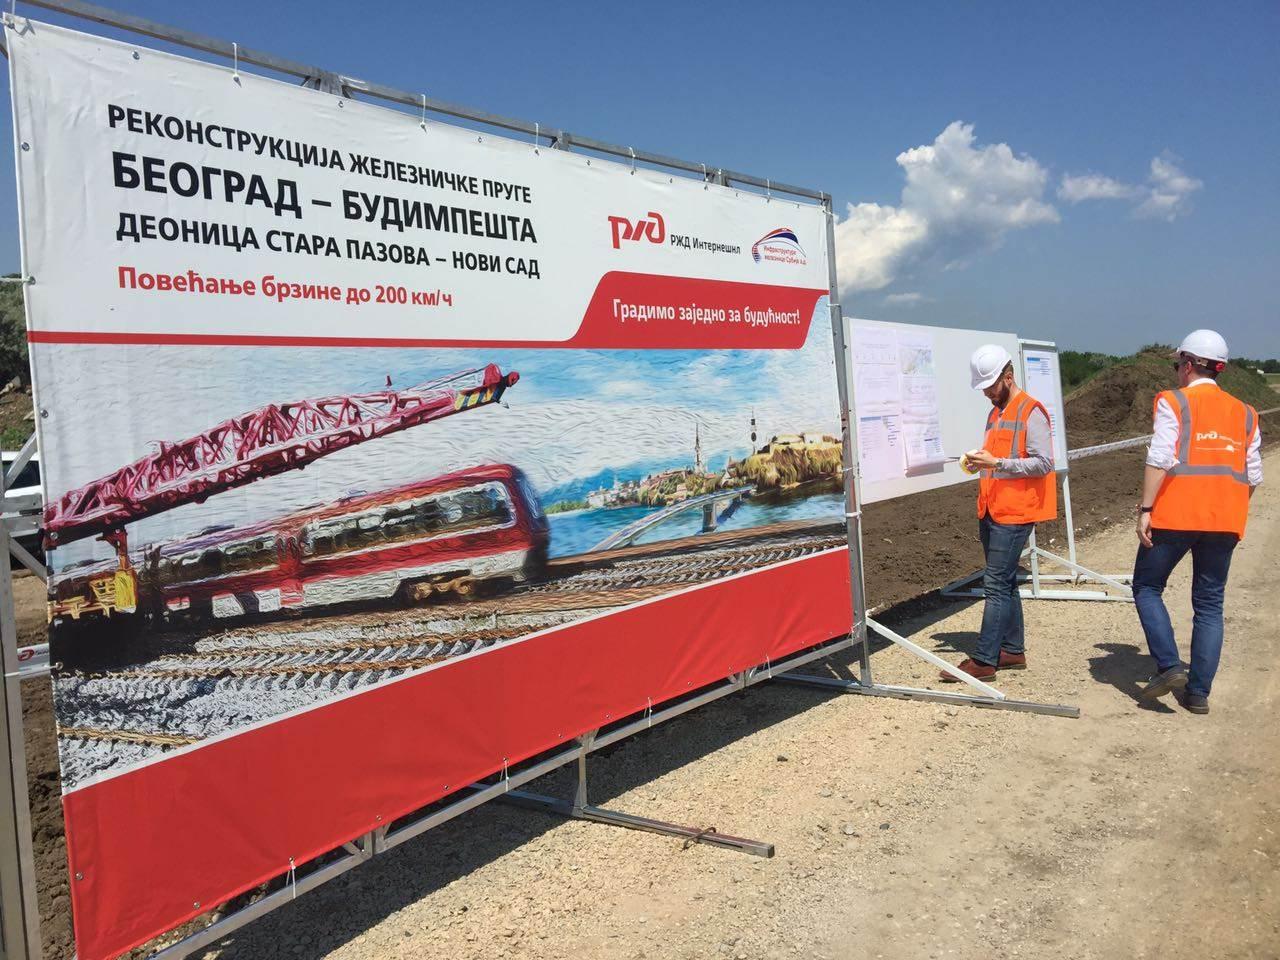 pruga, voz, Beograd - Budimpešta